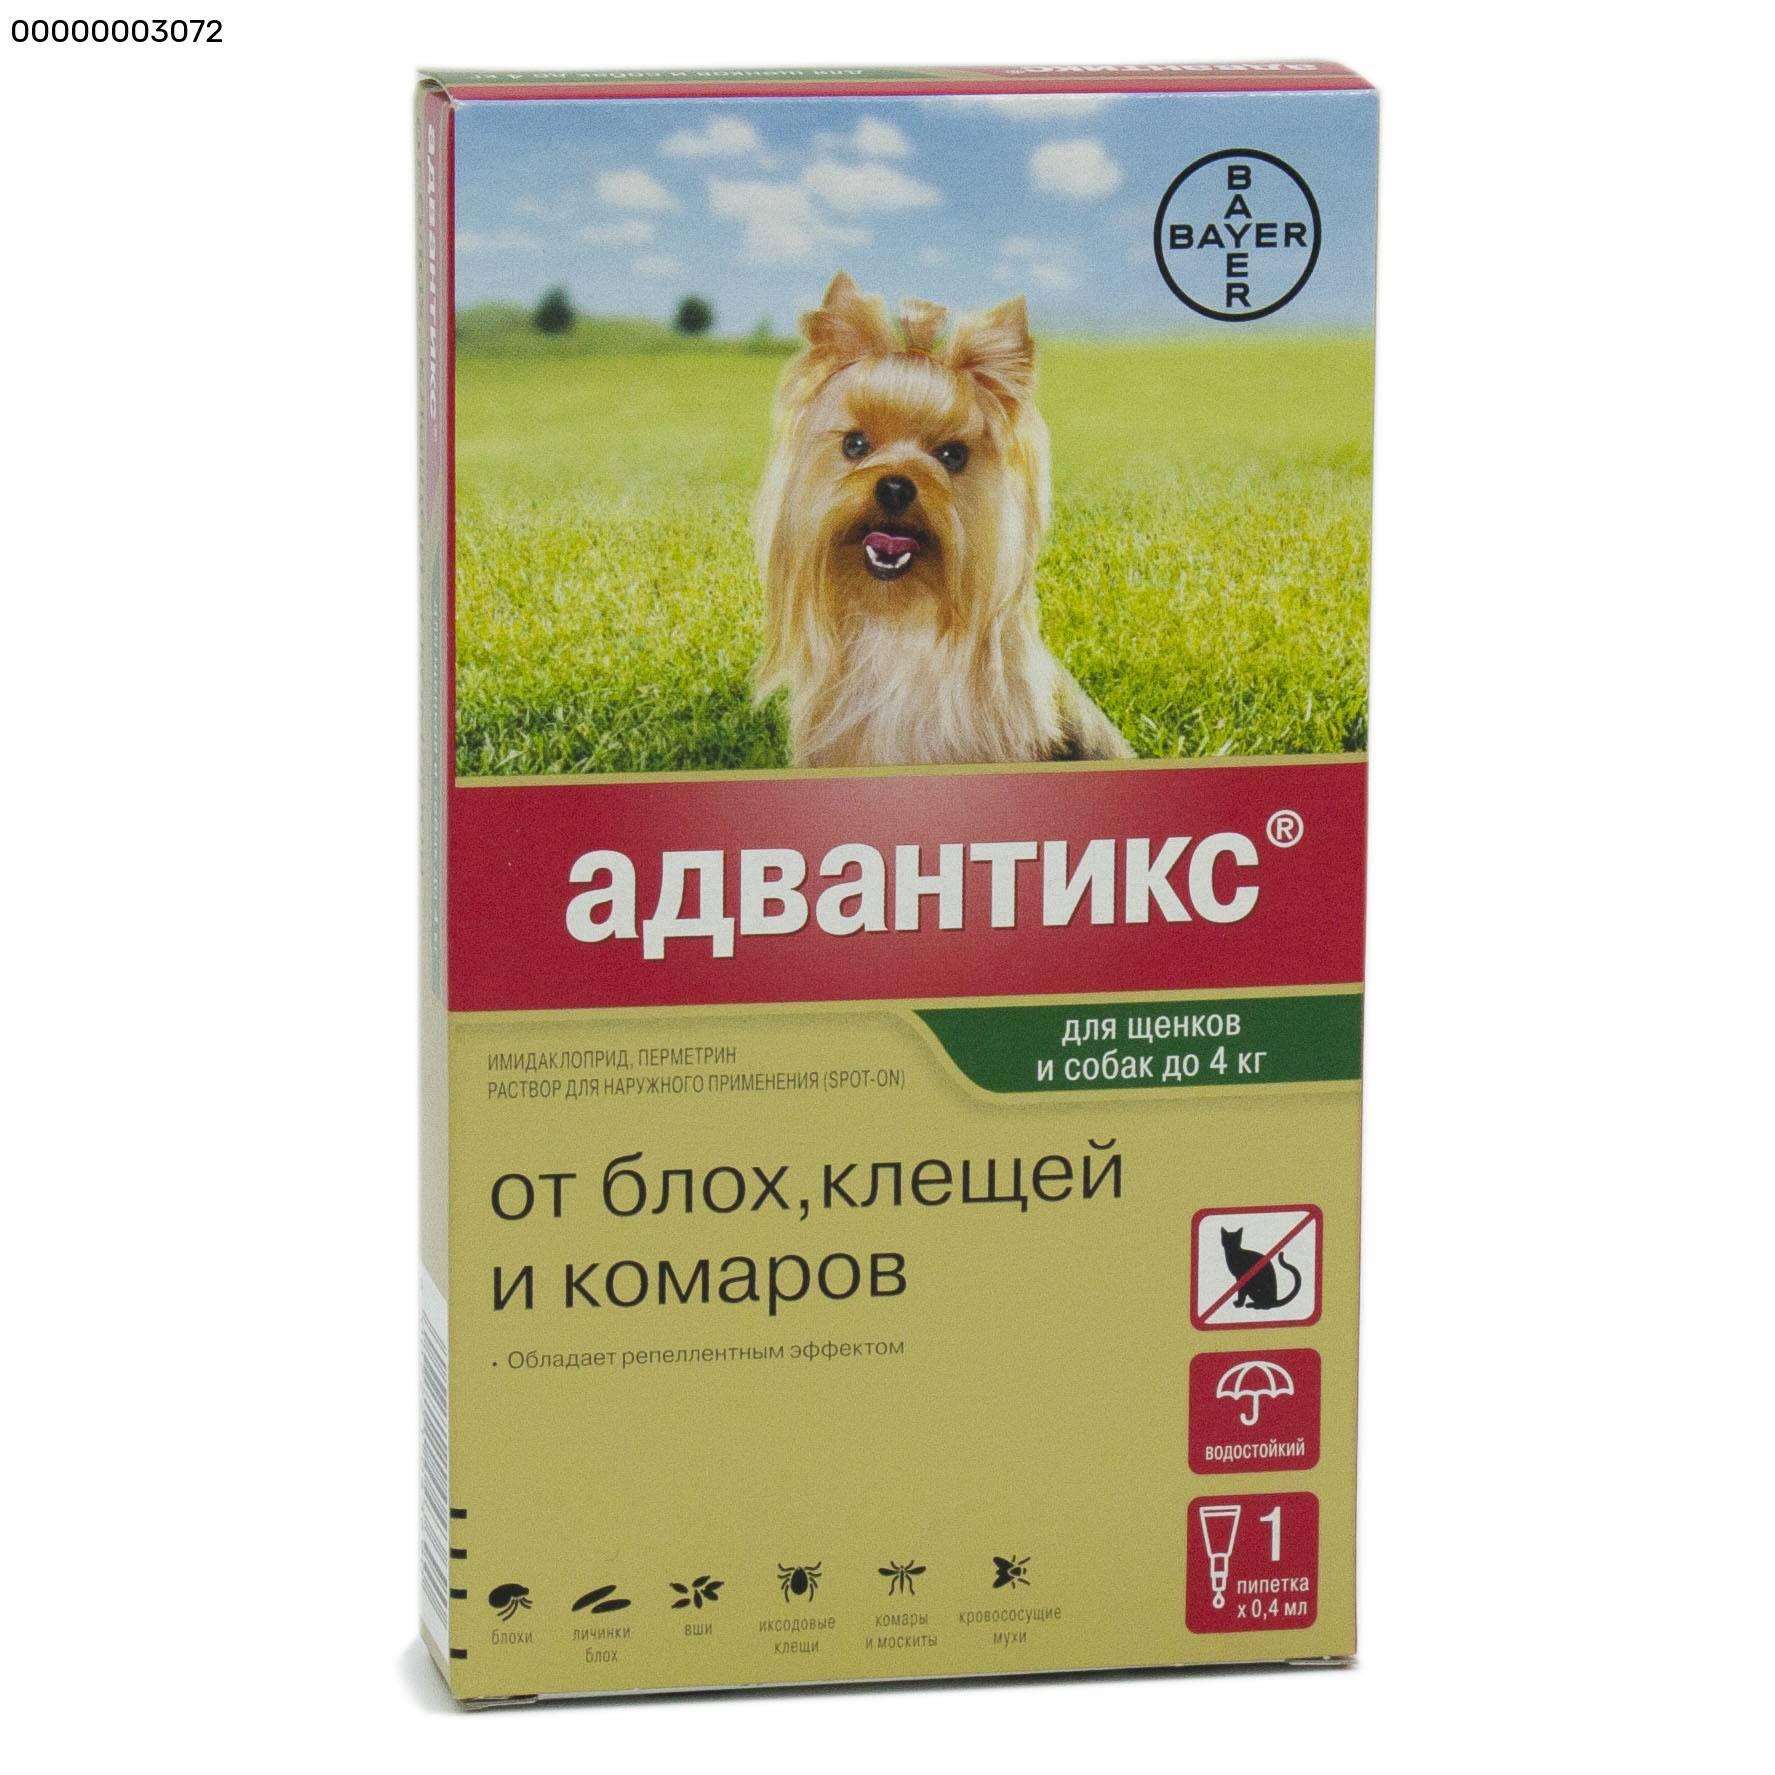 Адвантикс для собак инструкция по применению — капли